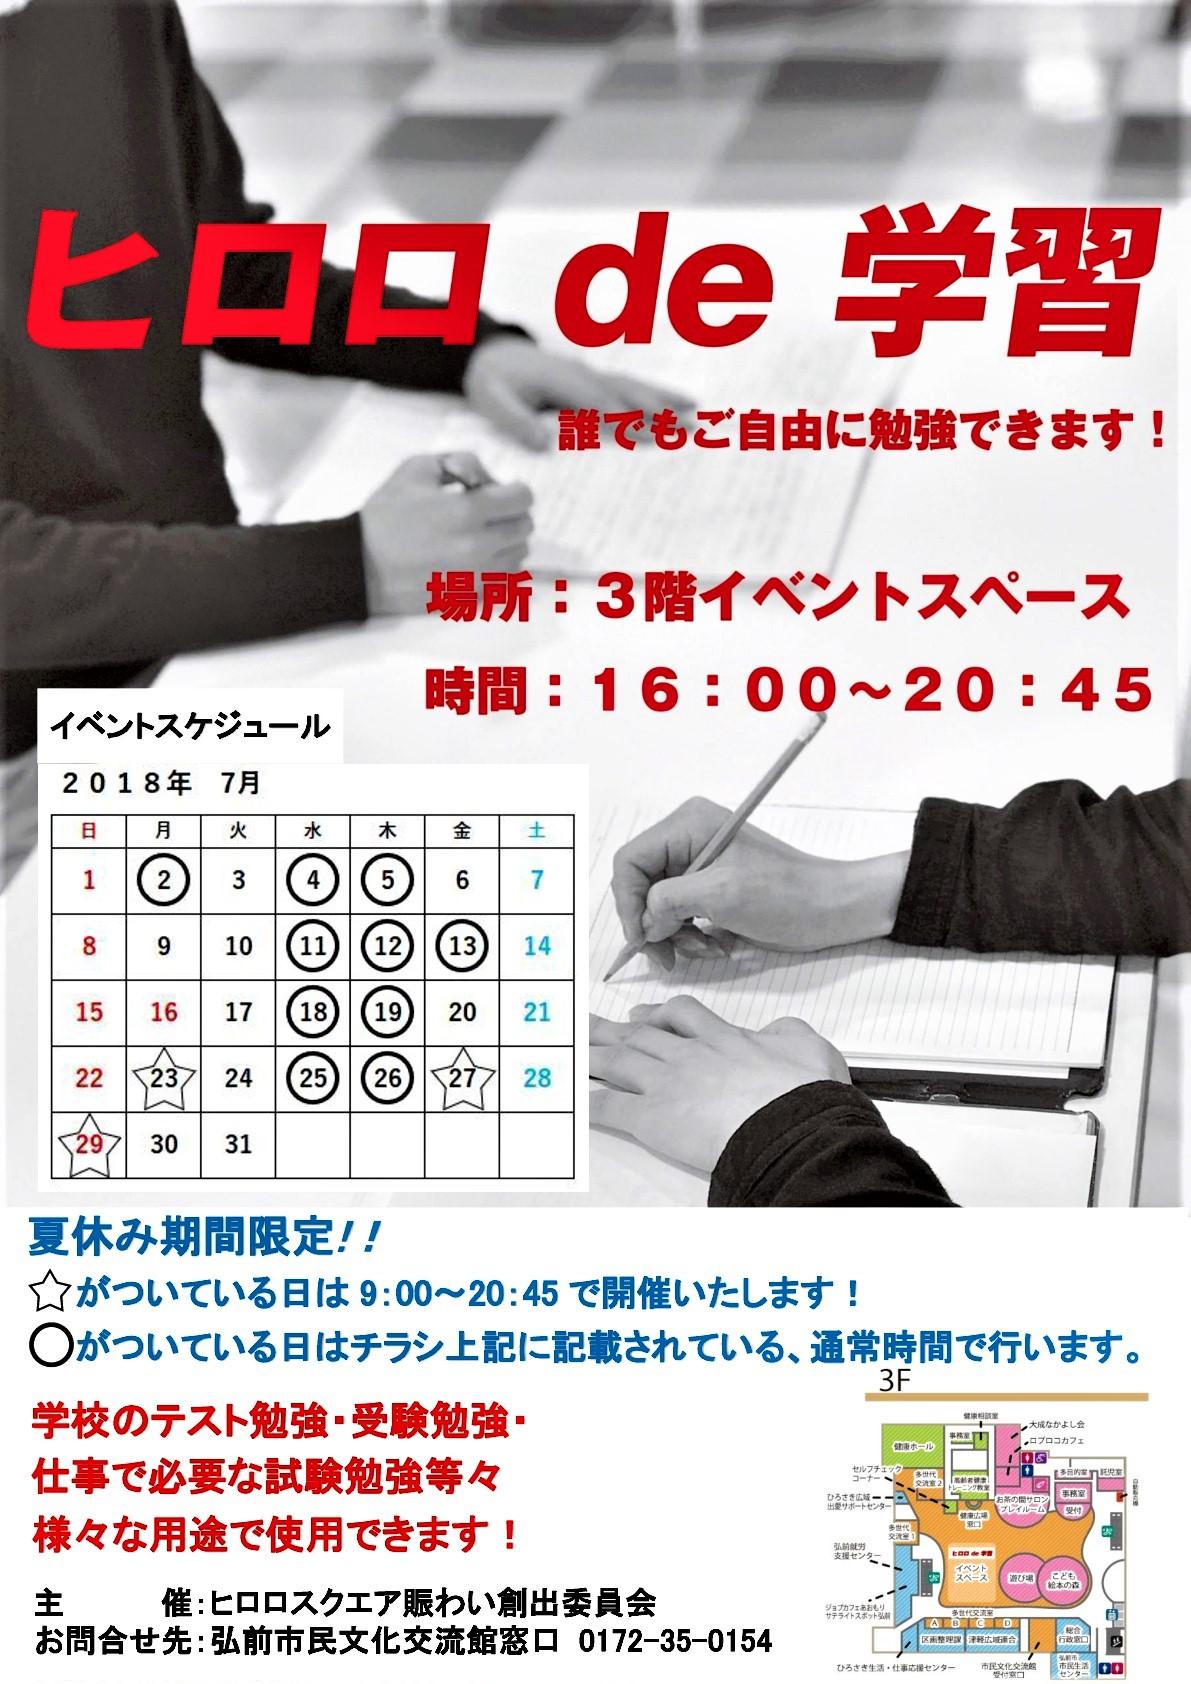 ヒロロde学習チラシ7月.jpg